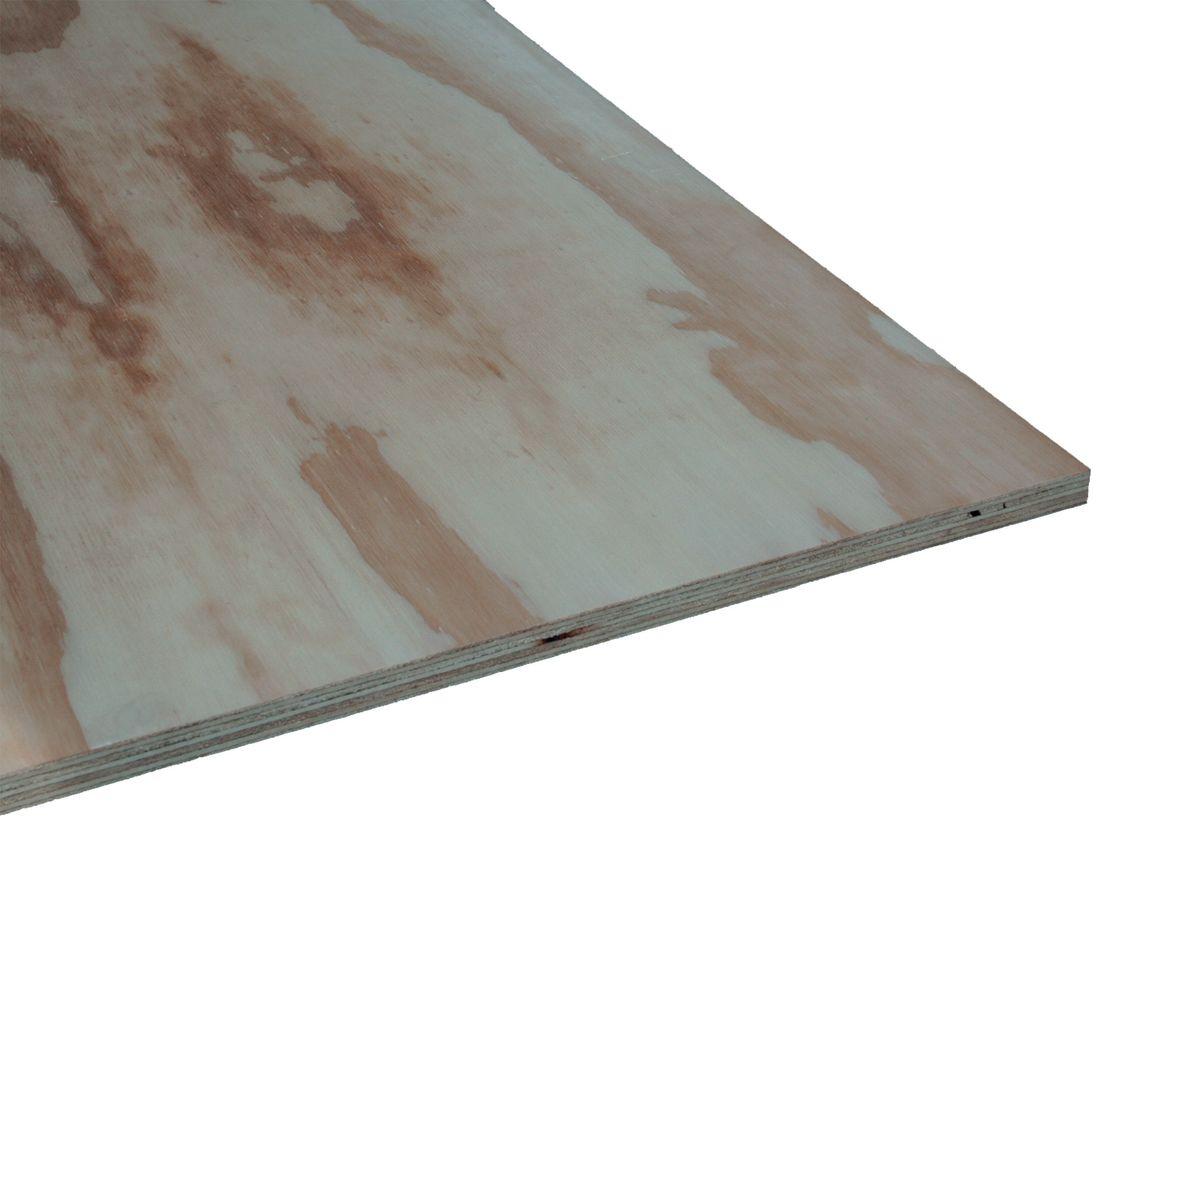 Pannello compensato multistrato pino fenolico naturale 18 for Tralicci leroy merlin